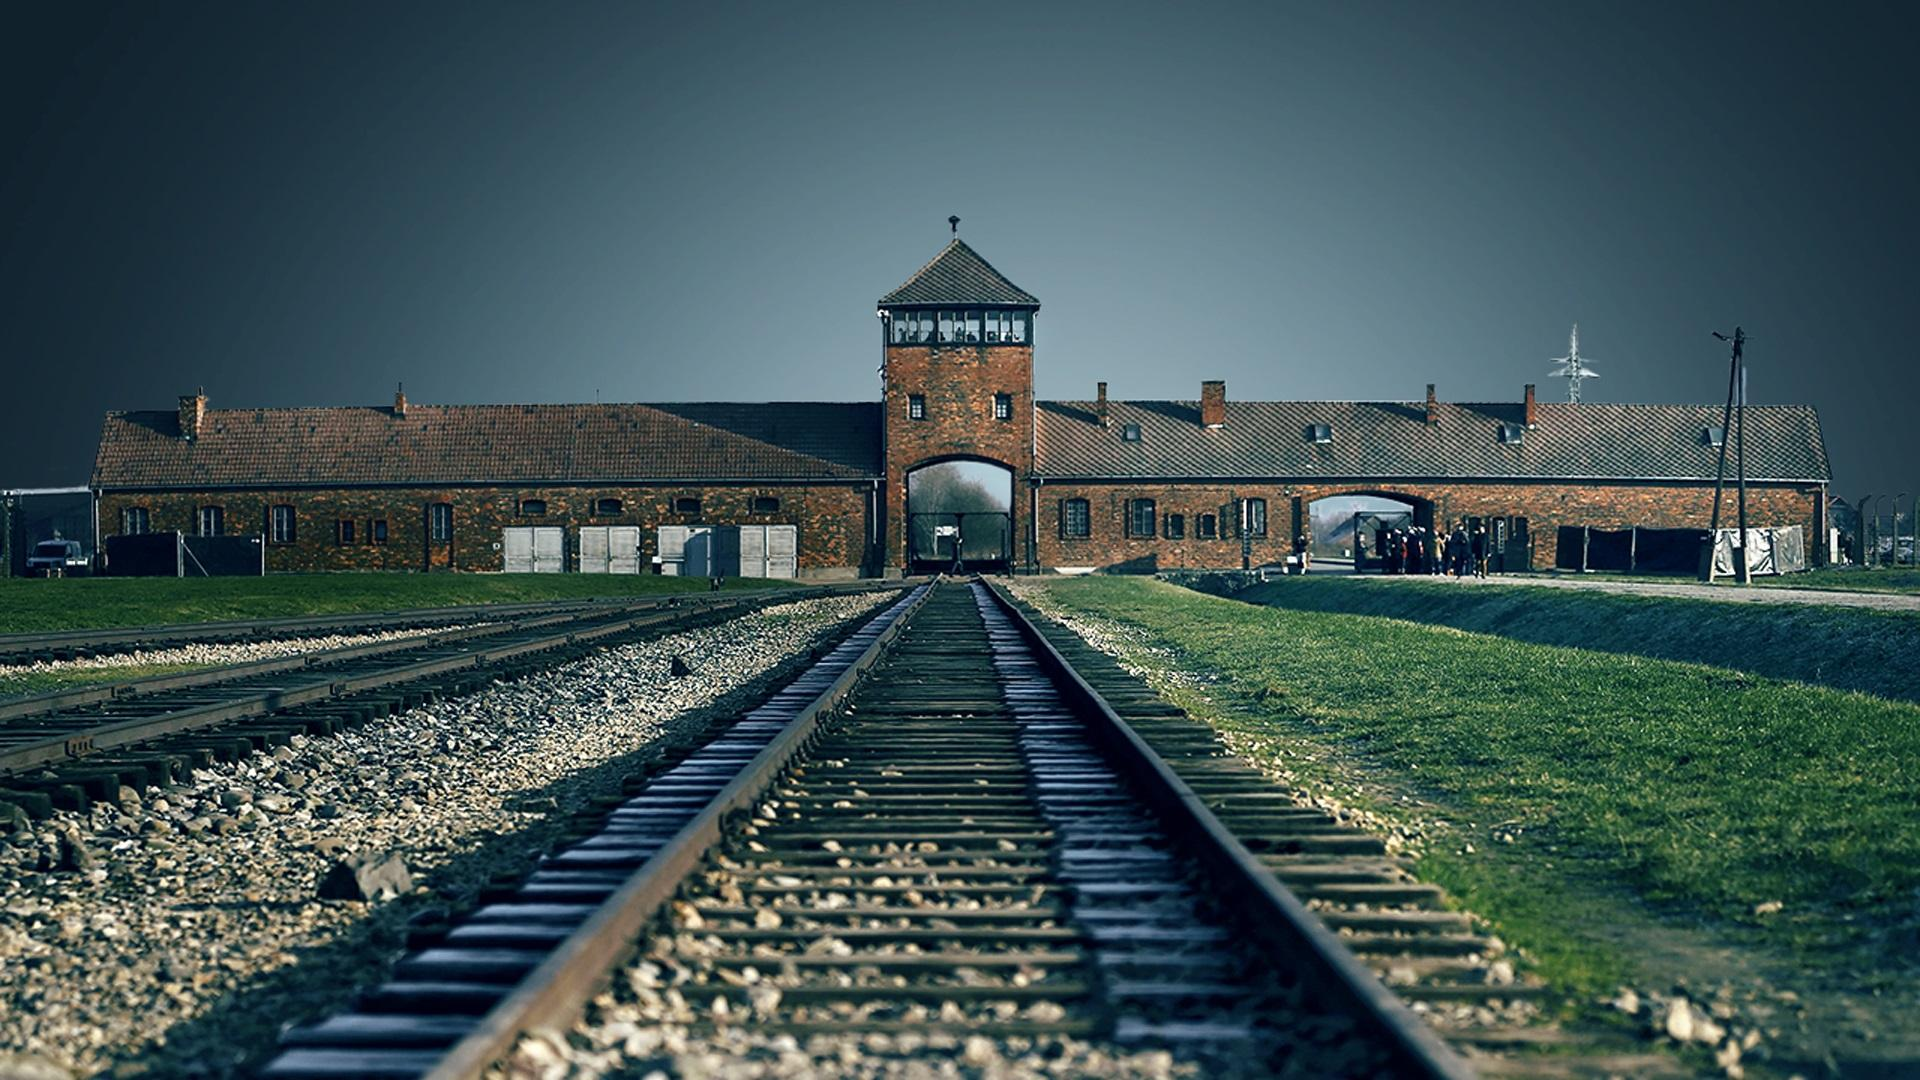 Az amerikai legfelsőbb bíróság tárgyalja a Magyarországot és Németországot perelő holokauszt-túlélők ügyét